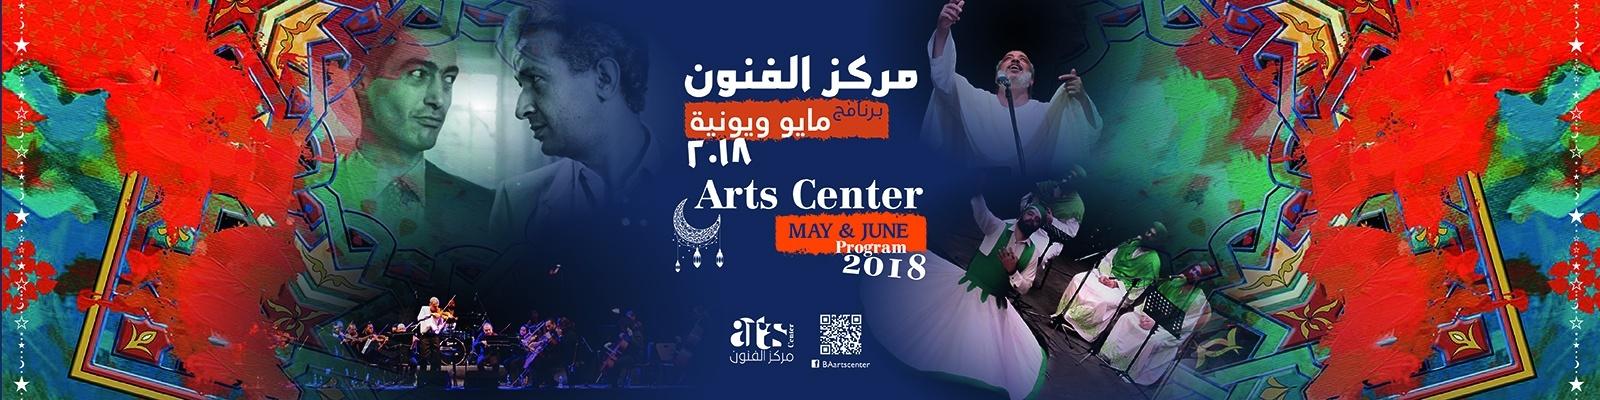 Programme mai-Juin 2018 du Centre des Arts